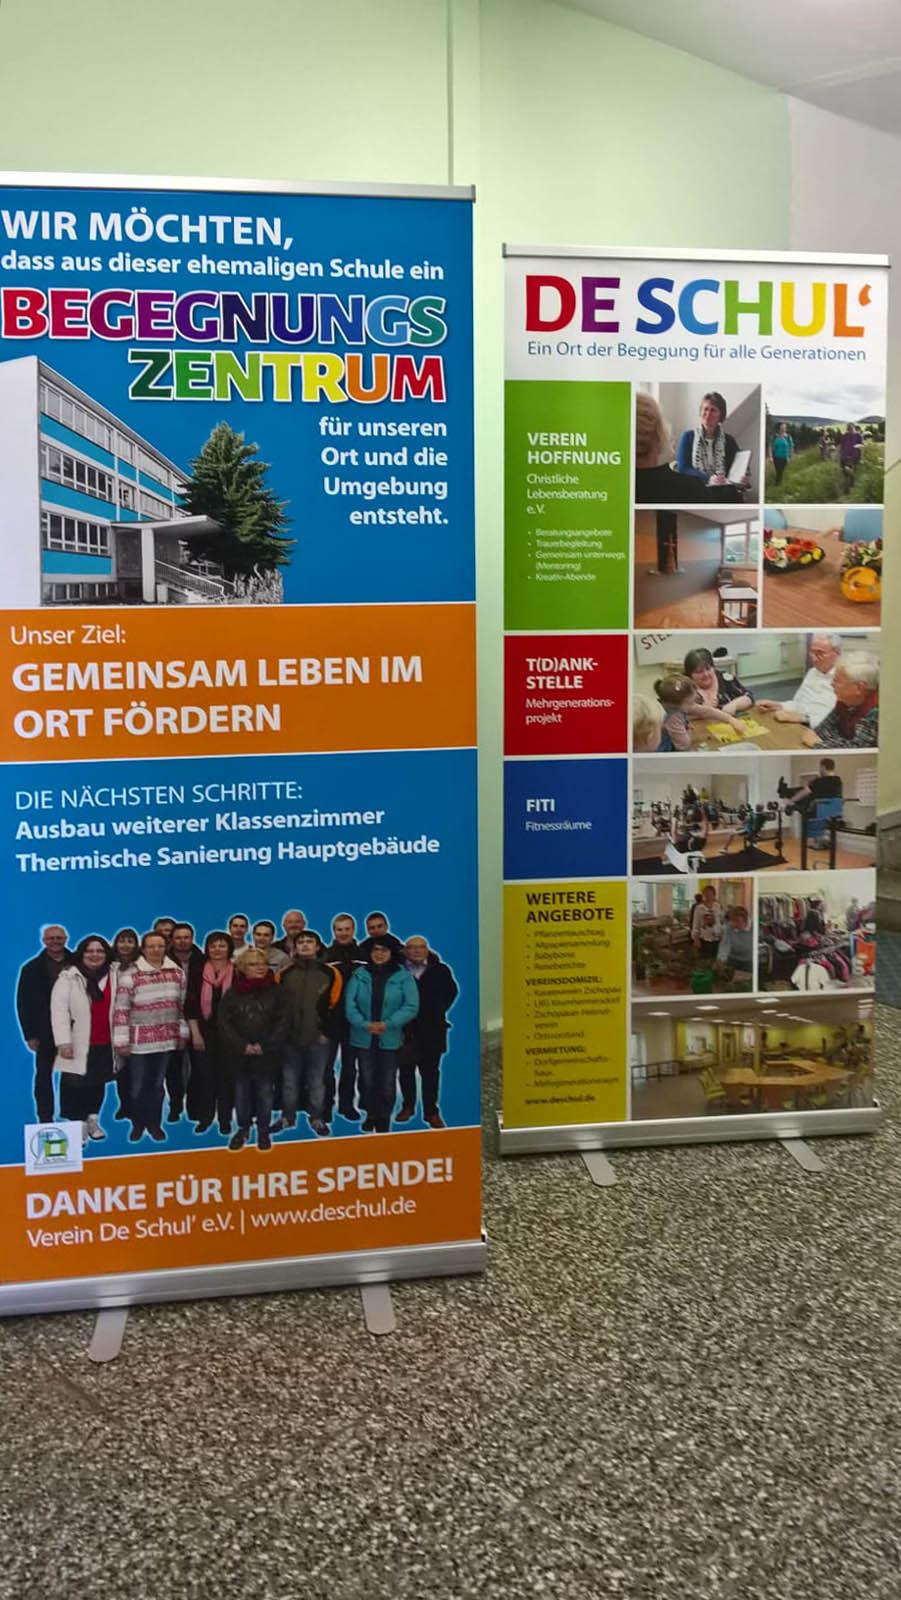 Banner Rollup für Begegnungszentrum De Schul'